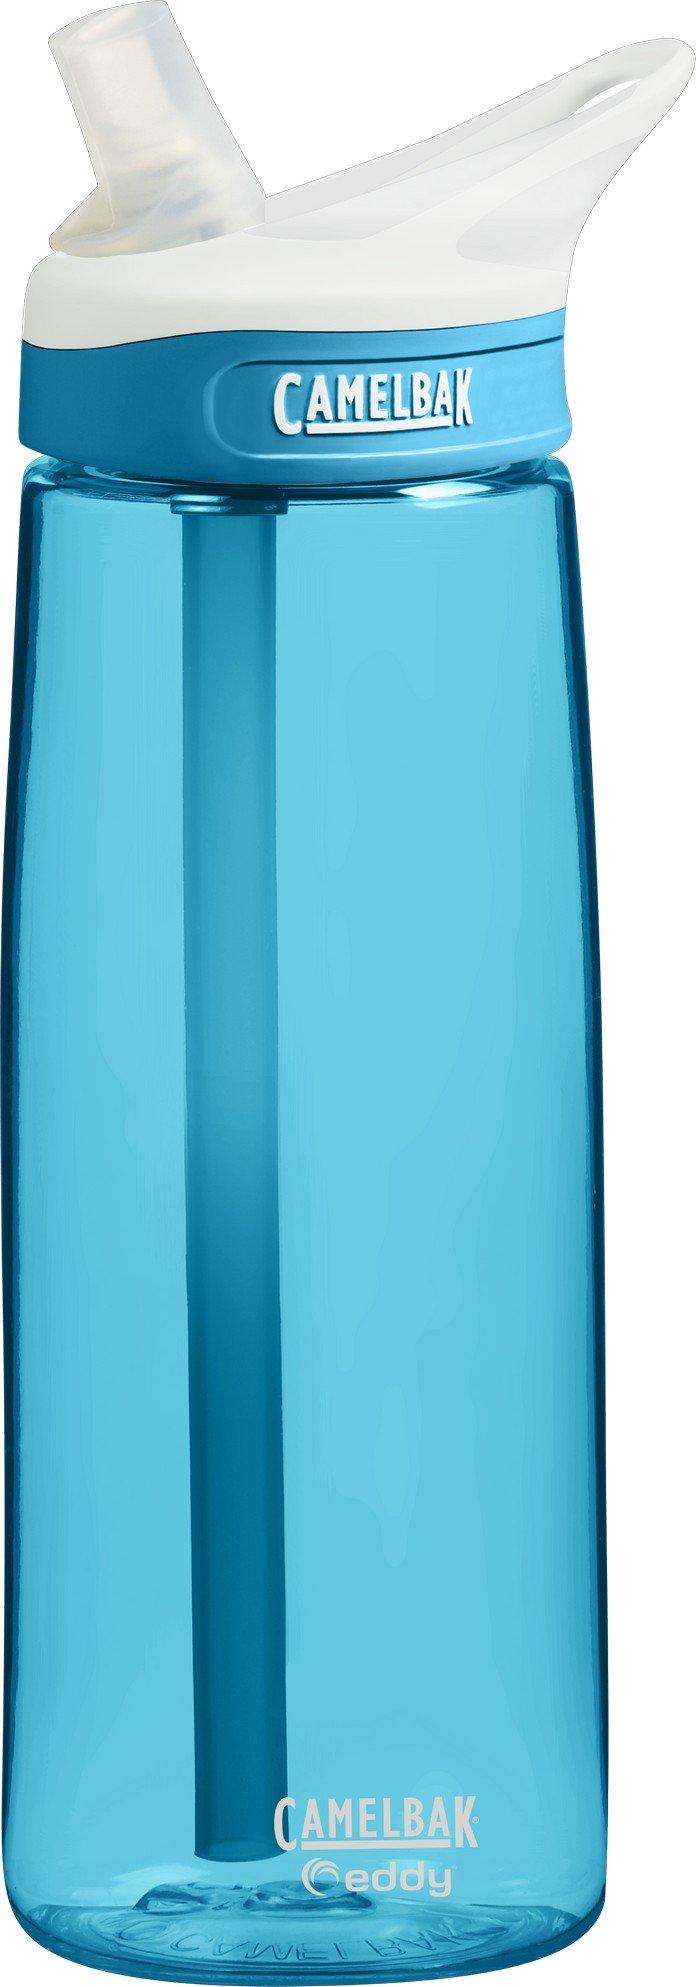 CamelBak Eddy Water Bottle, Rain.75-Liter